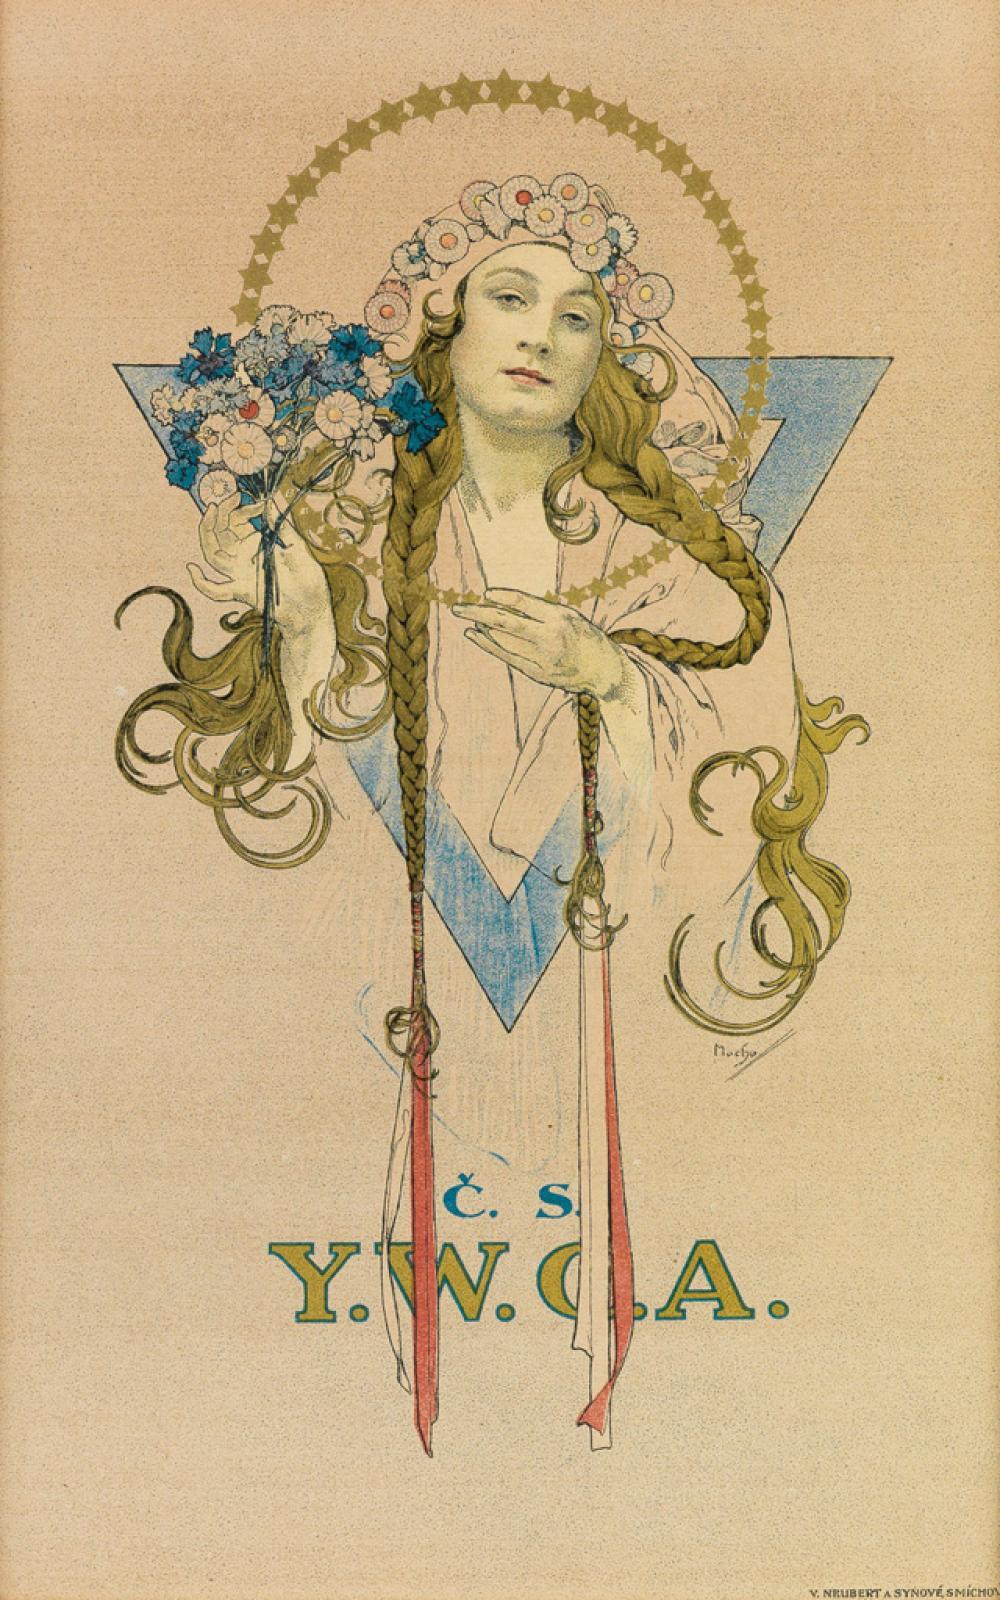 ALPHONSE MUCHA (1860-1939). C.S. / Y.W.C.A. 1922. 11x7 inches, 29x18 cm. V. Neubert A Synové, [Prague.]